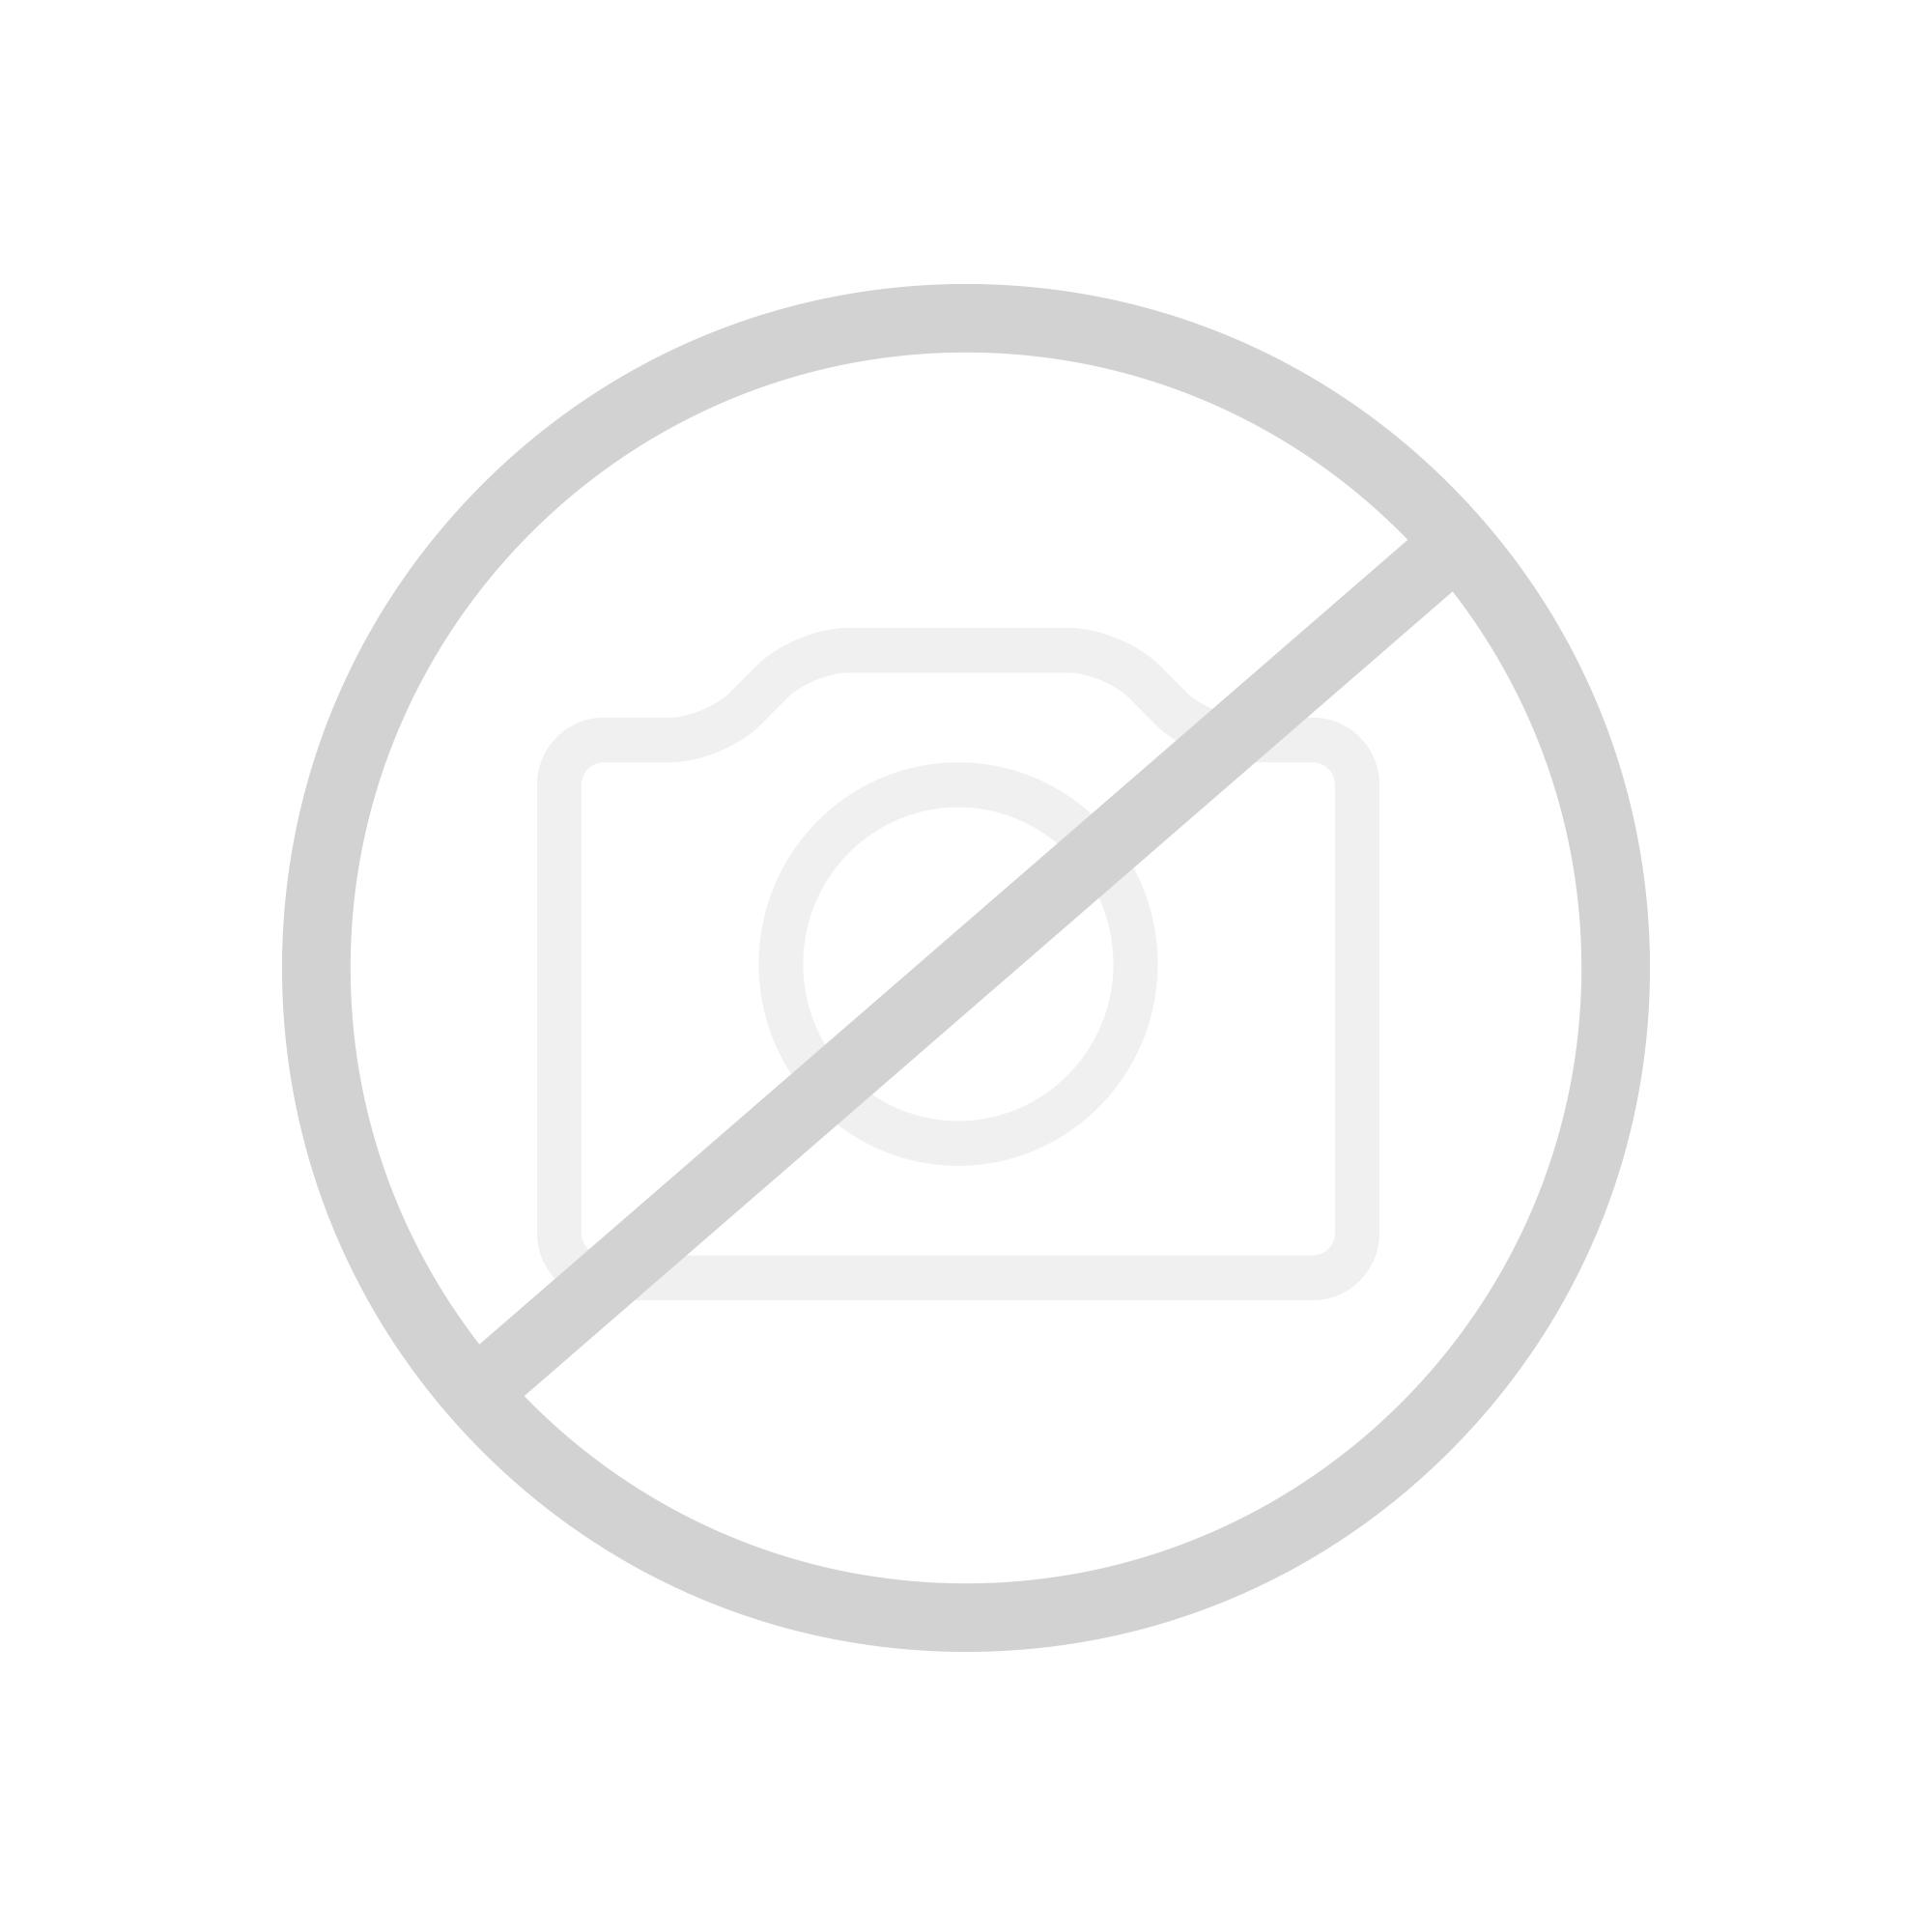 geberit kombifix montageelement f r wand wc 98 cm mit omega up sp lkasten 110010001 reuter. Black Bedroom Furniture Sets. Home Design Ideas